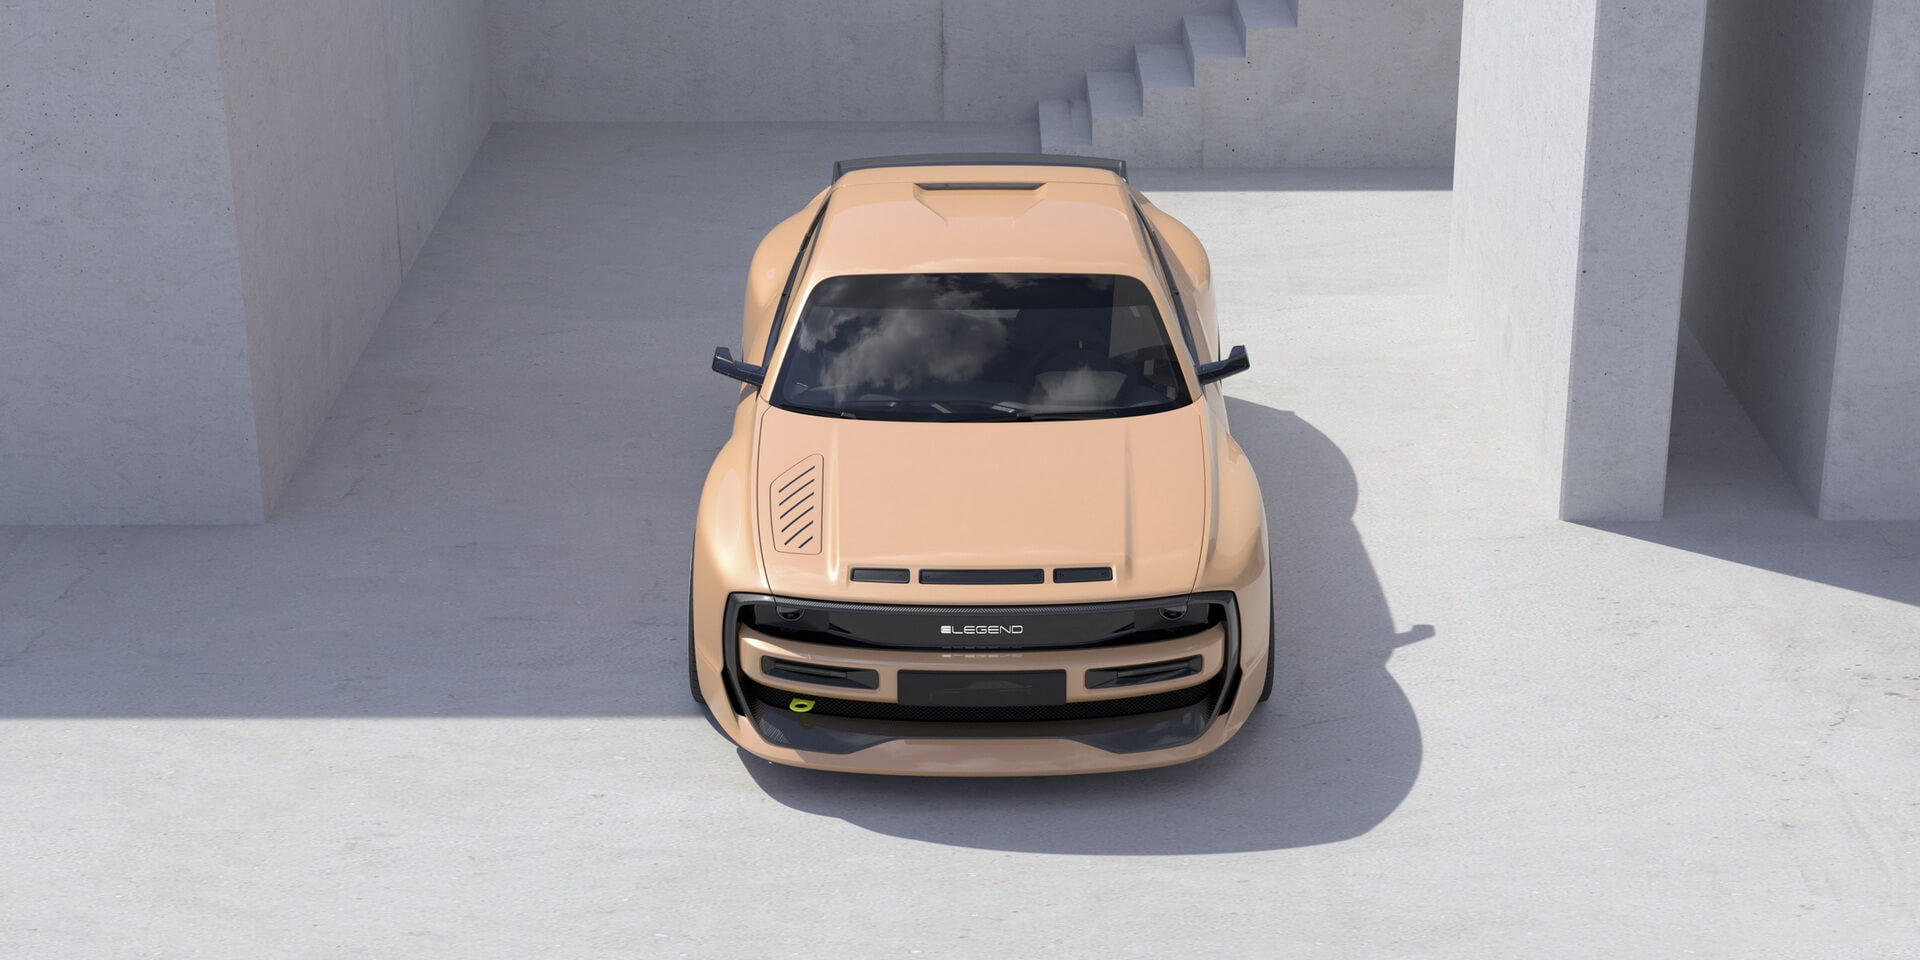 Эксклюзивный электромобиль E-Legend EL1